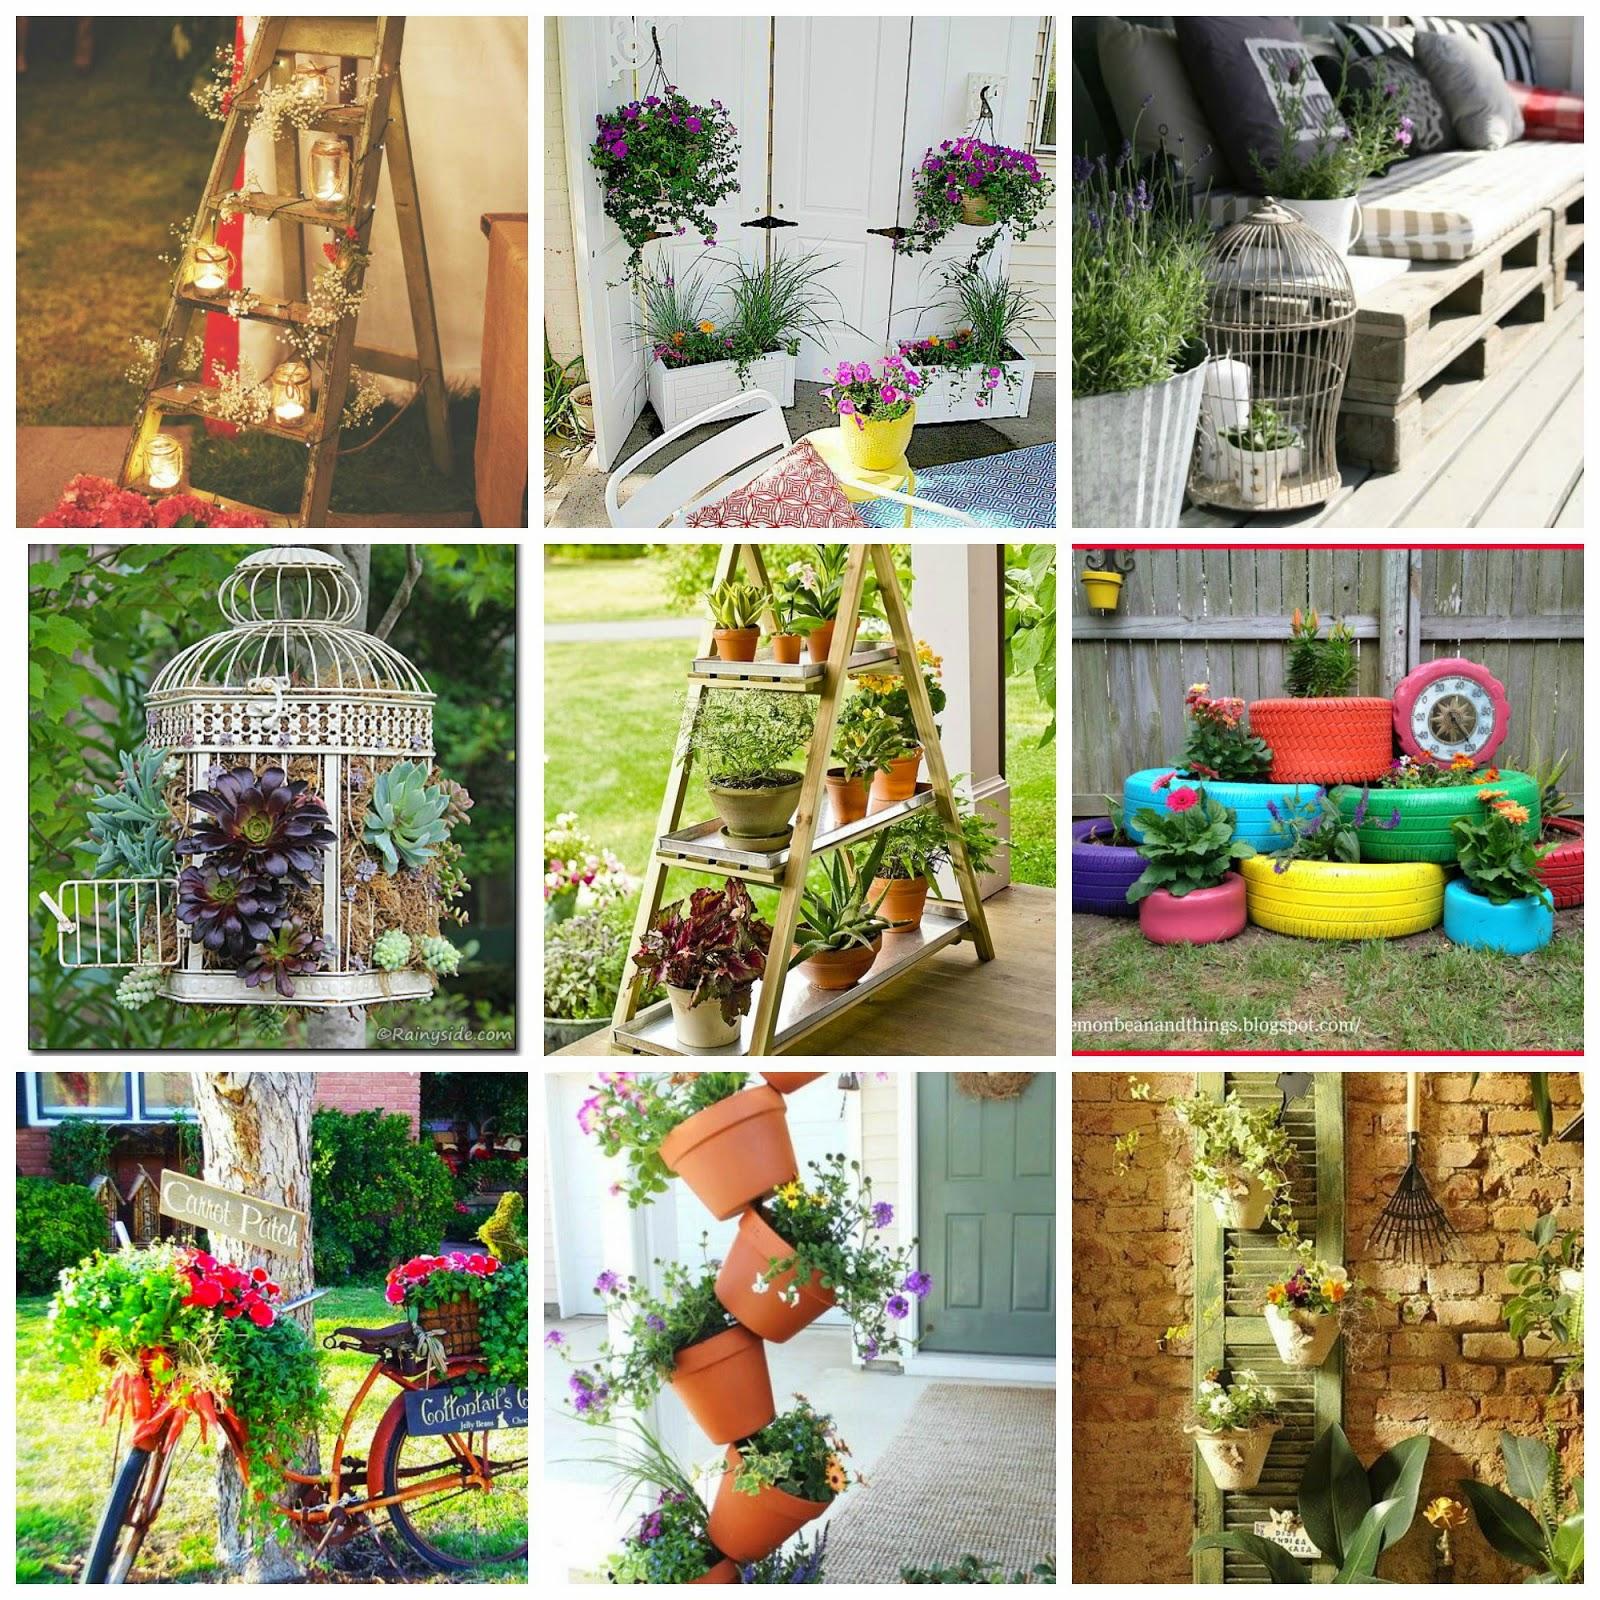 Idee fai da te per arredare il giardino - Idee per il giardino ...